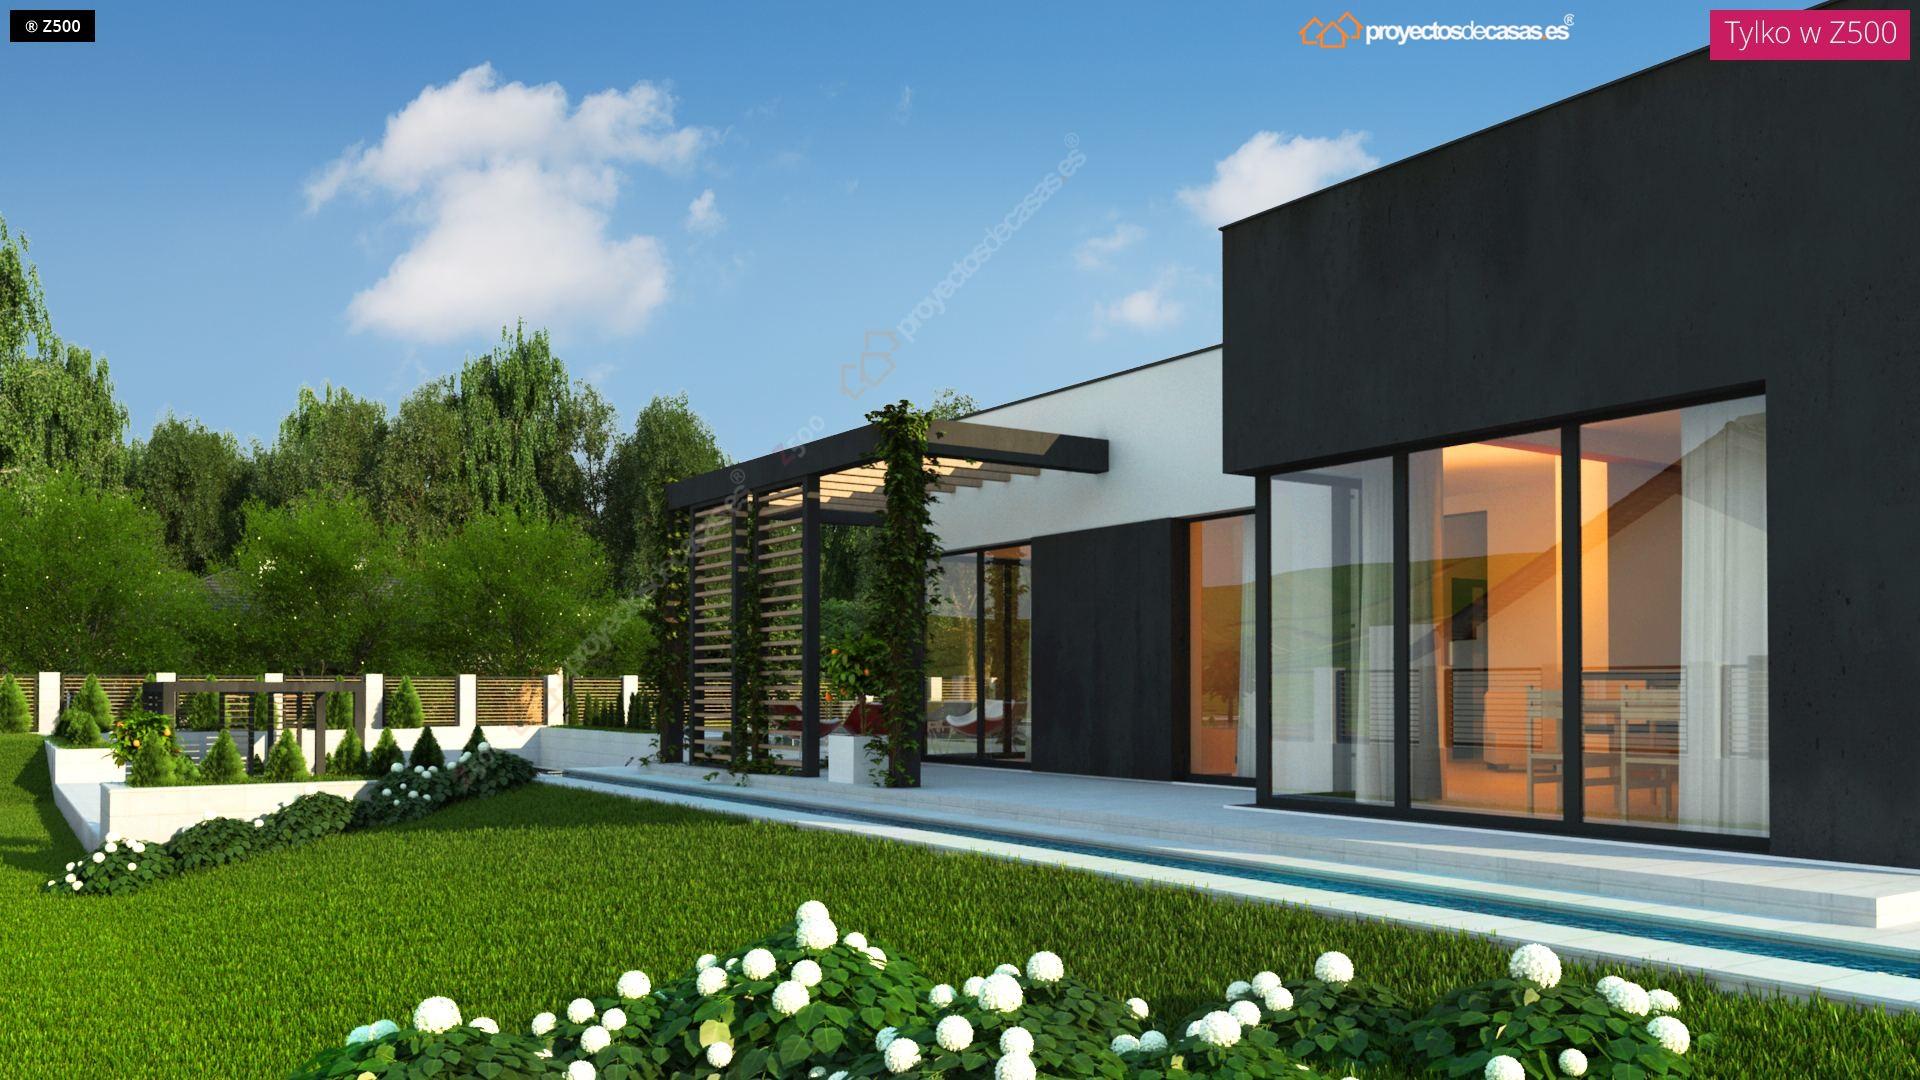 Proyectos de casas casa moderna de 1 planta con piscina - Fachadas de casas modernas planta baja ...